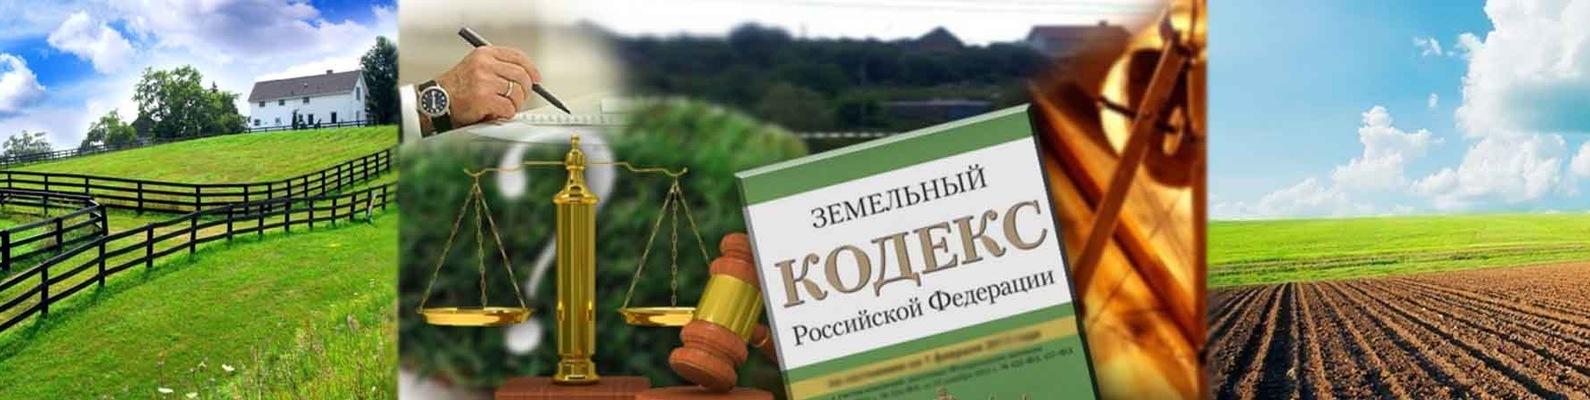 юрист по земельным вопросам тула